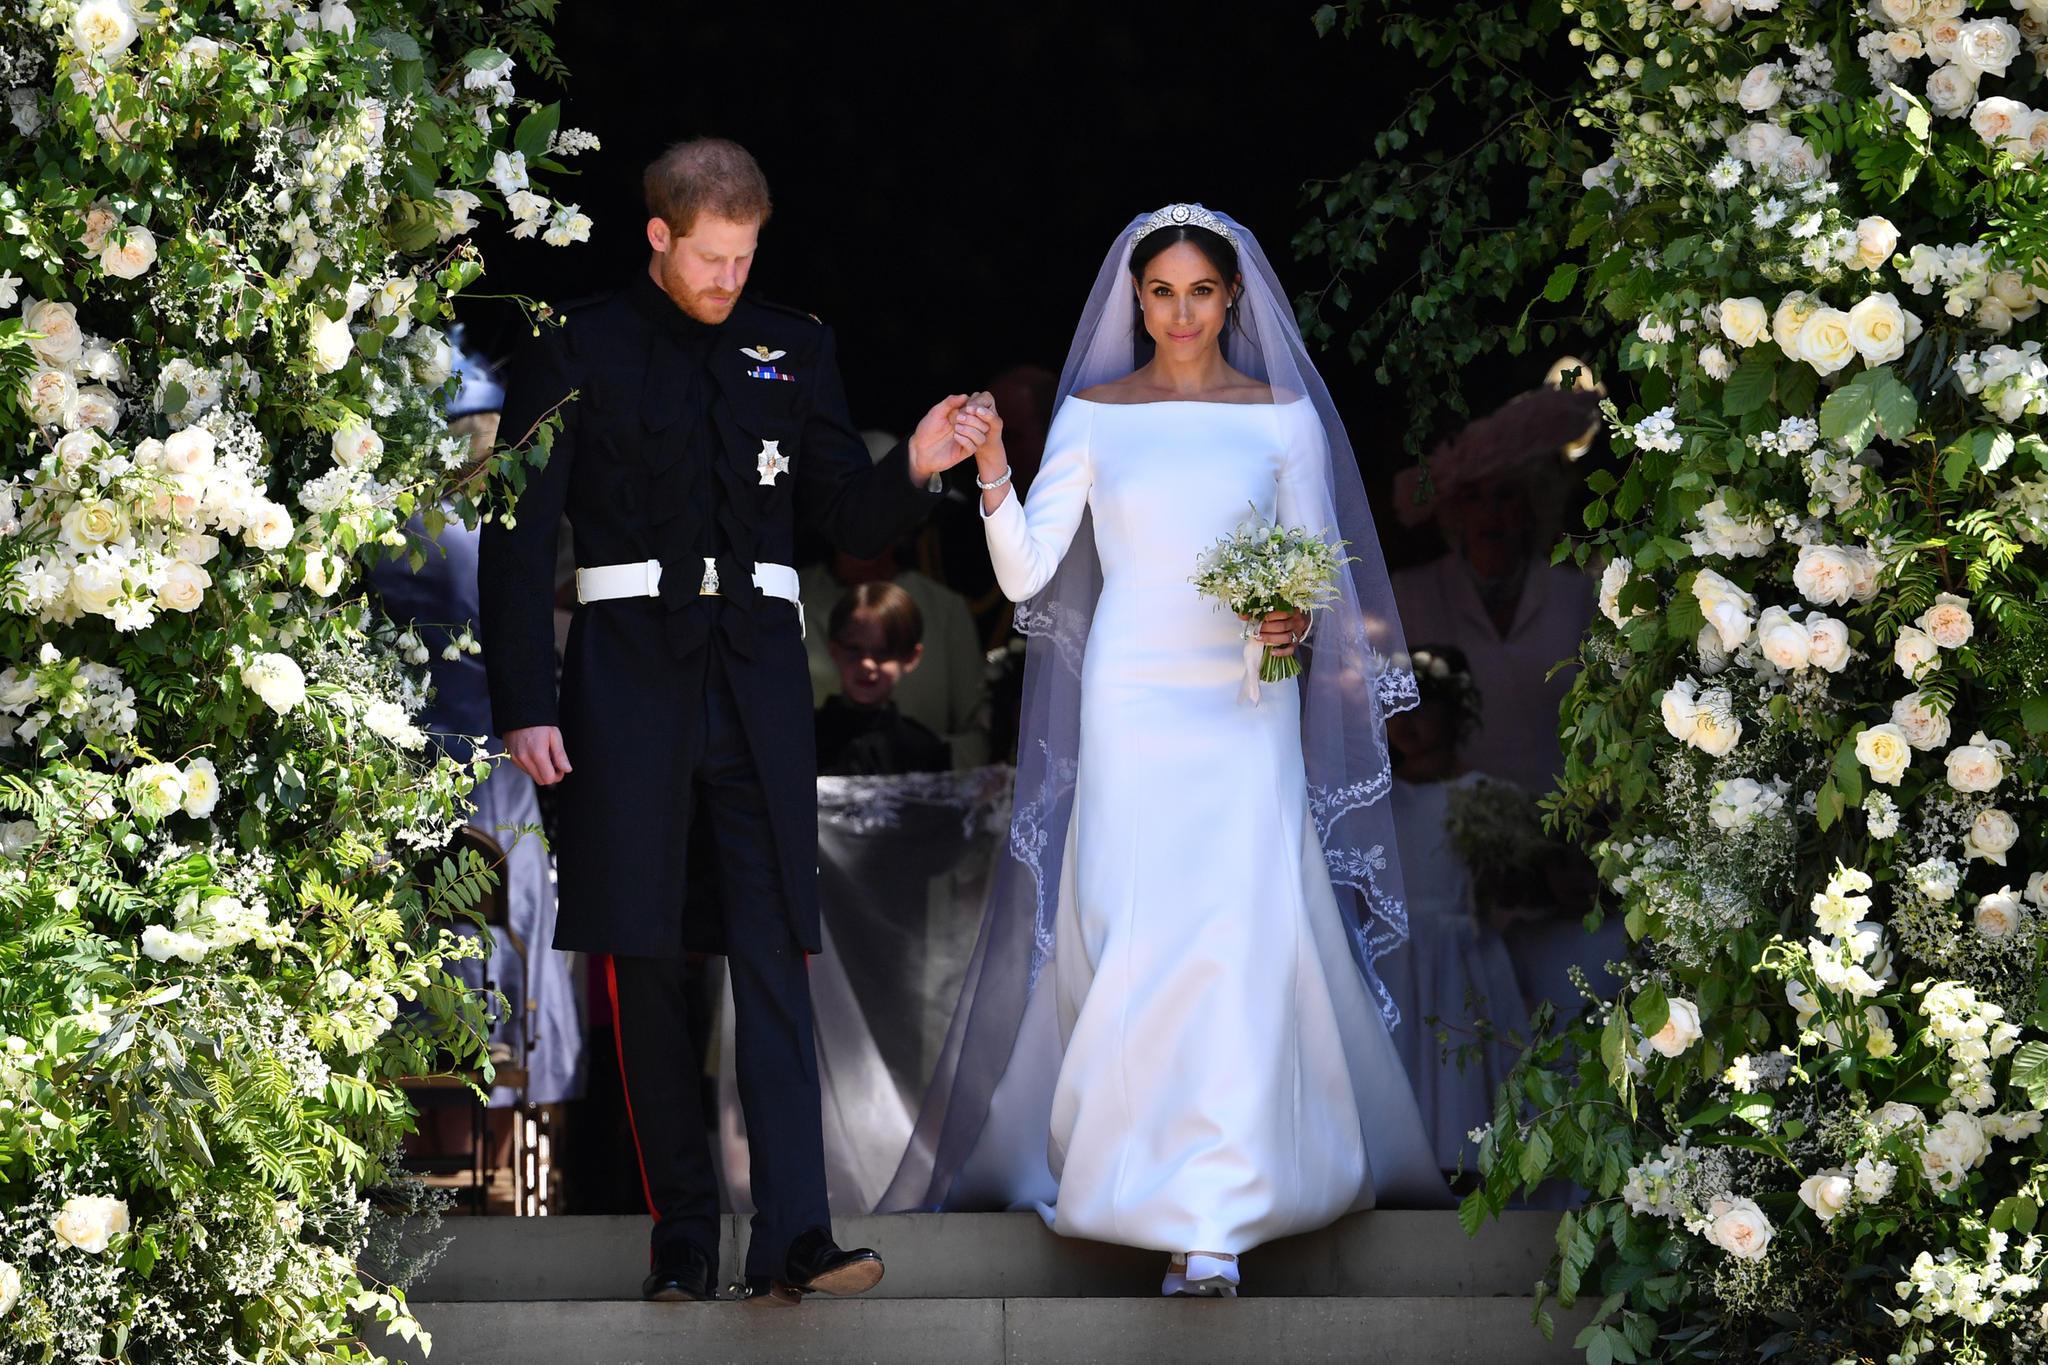 Das Brautkleid in seiner vollen Pracht: klare Linien, lange Ärmel, ein U-Boot-Ausschnitt und ein langer, bestickter Schleier.